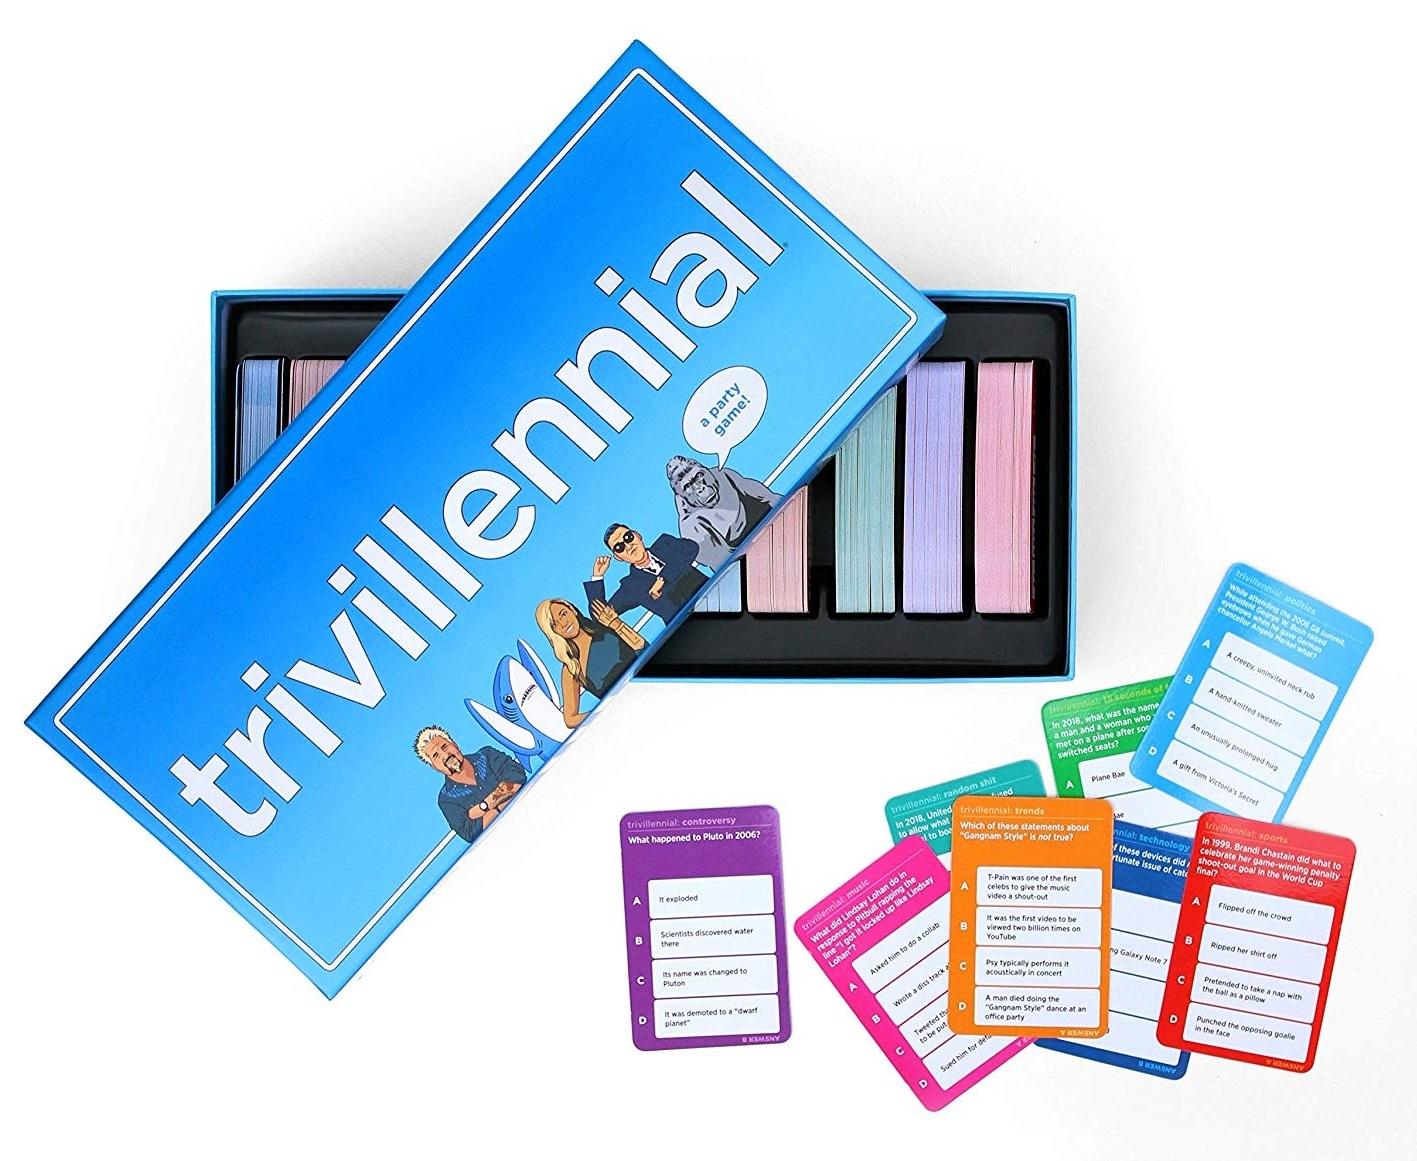 Trivillennial - The Trivia Game for Millennials image